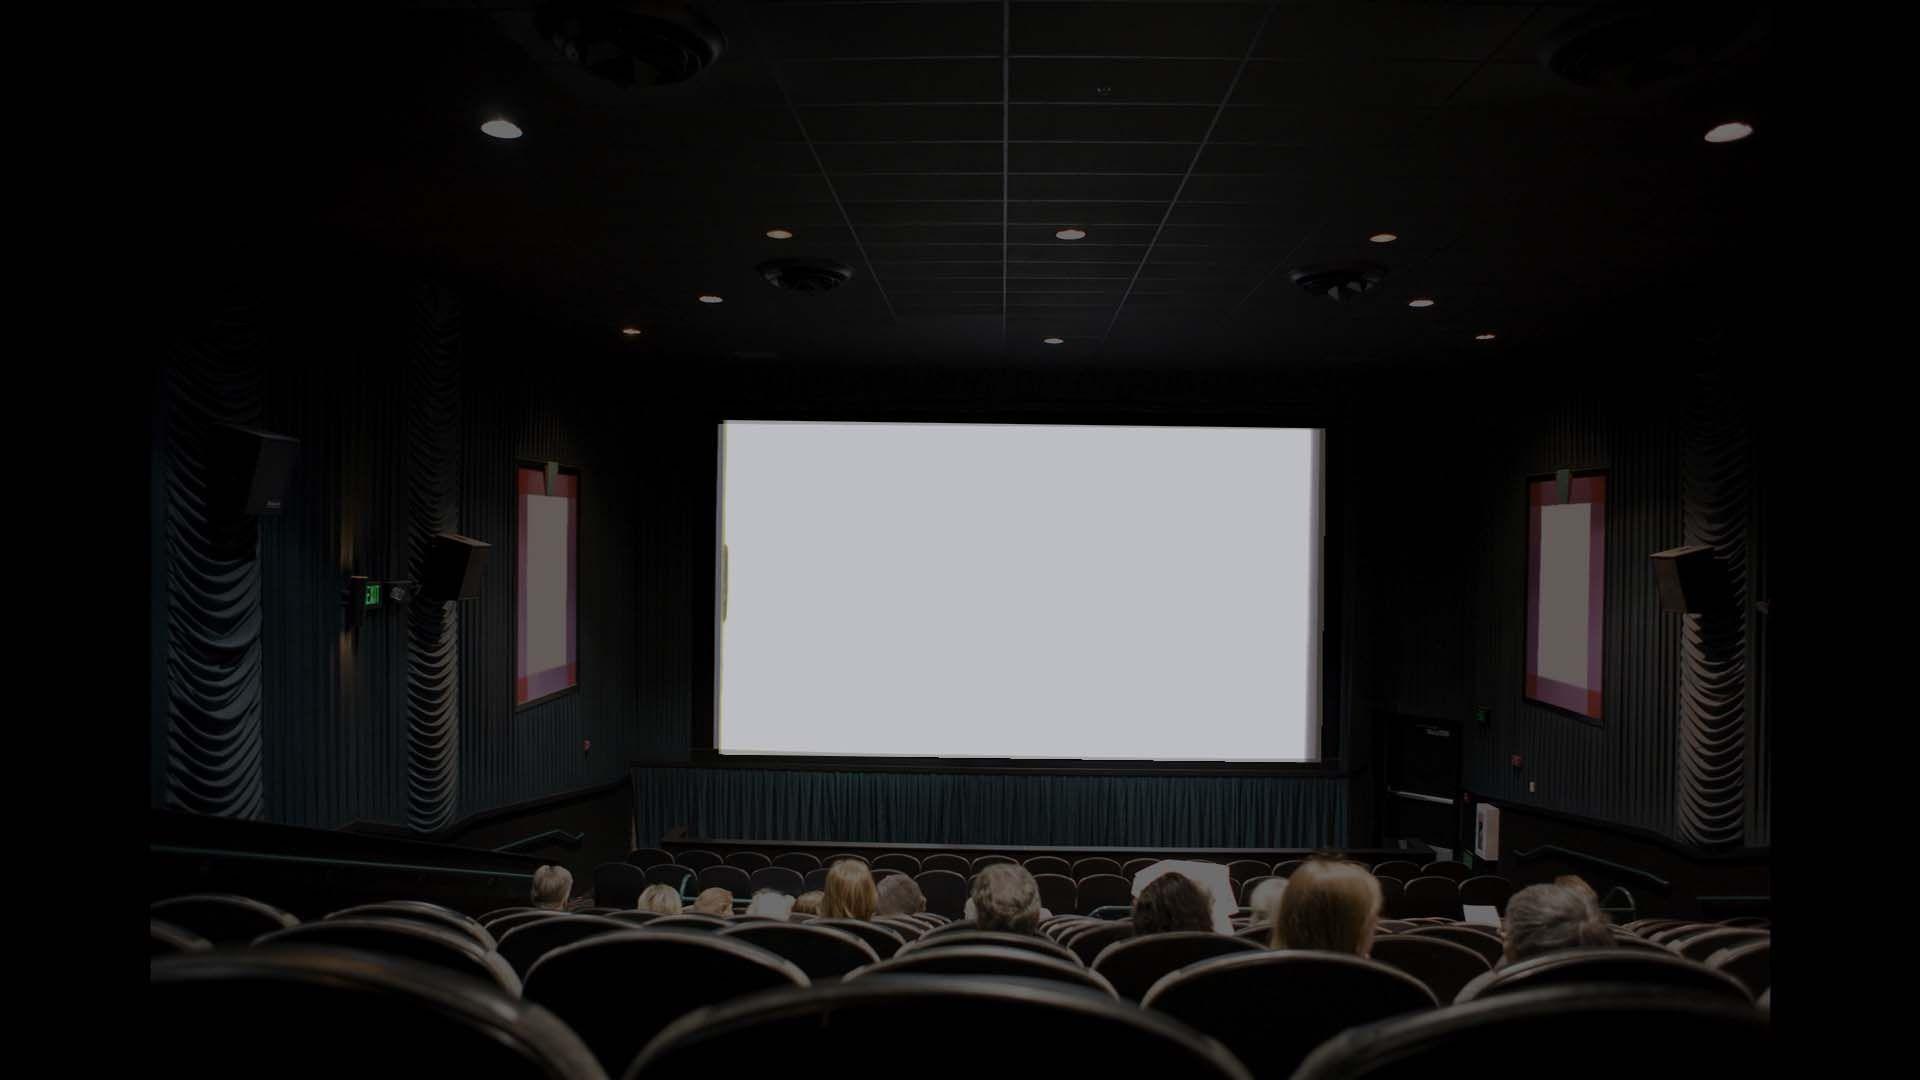 Movie Theater best Wallpaper